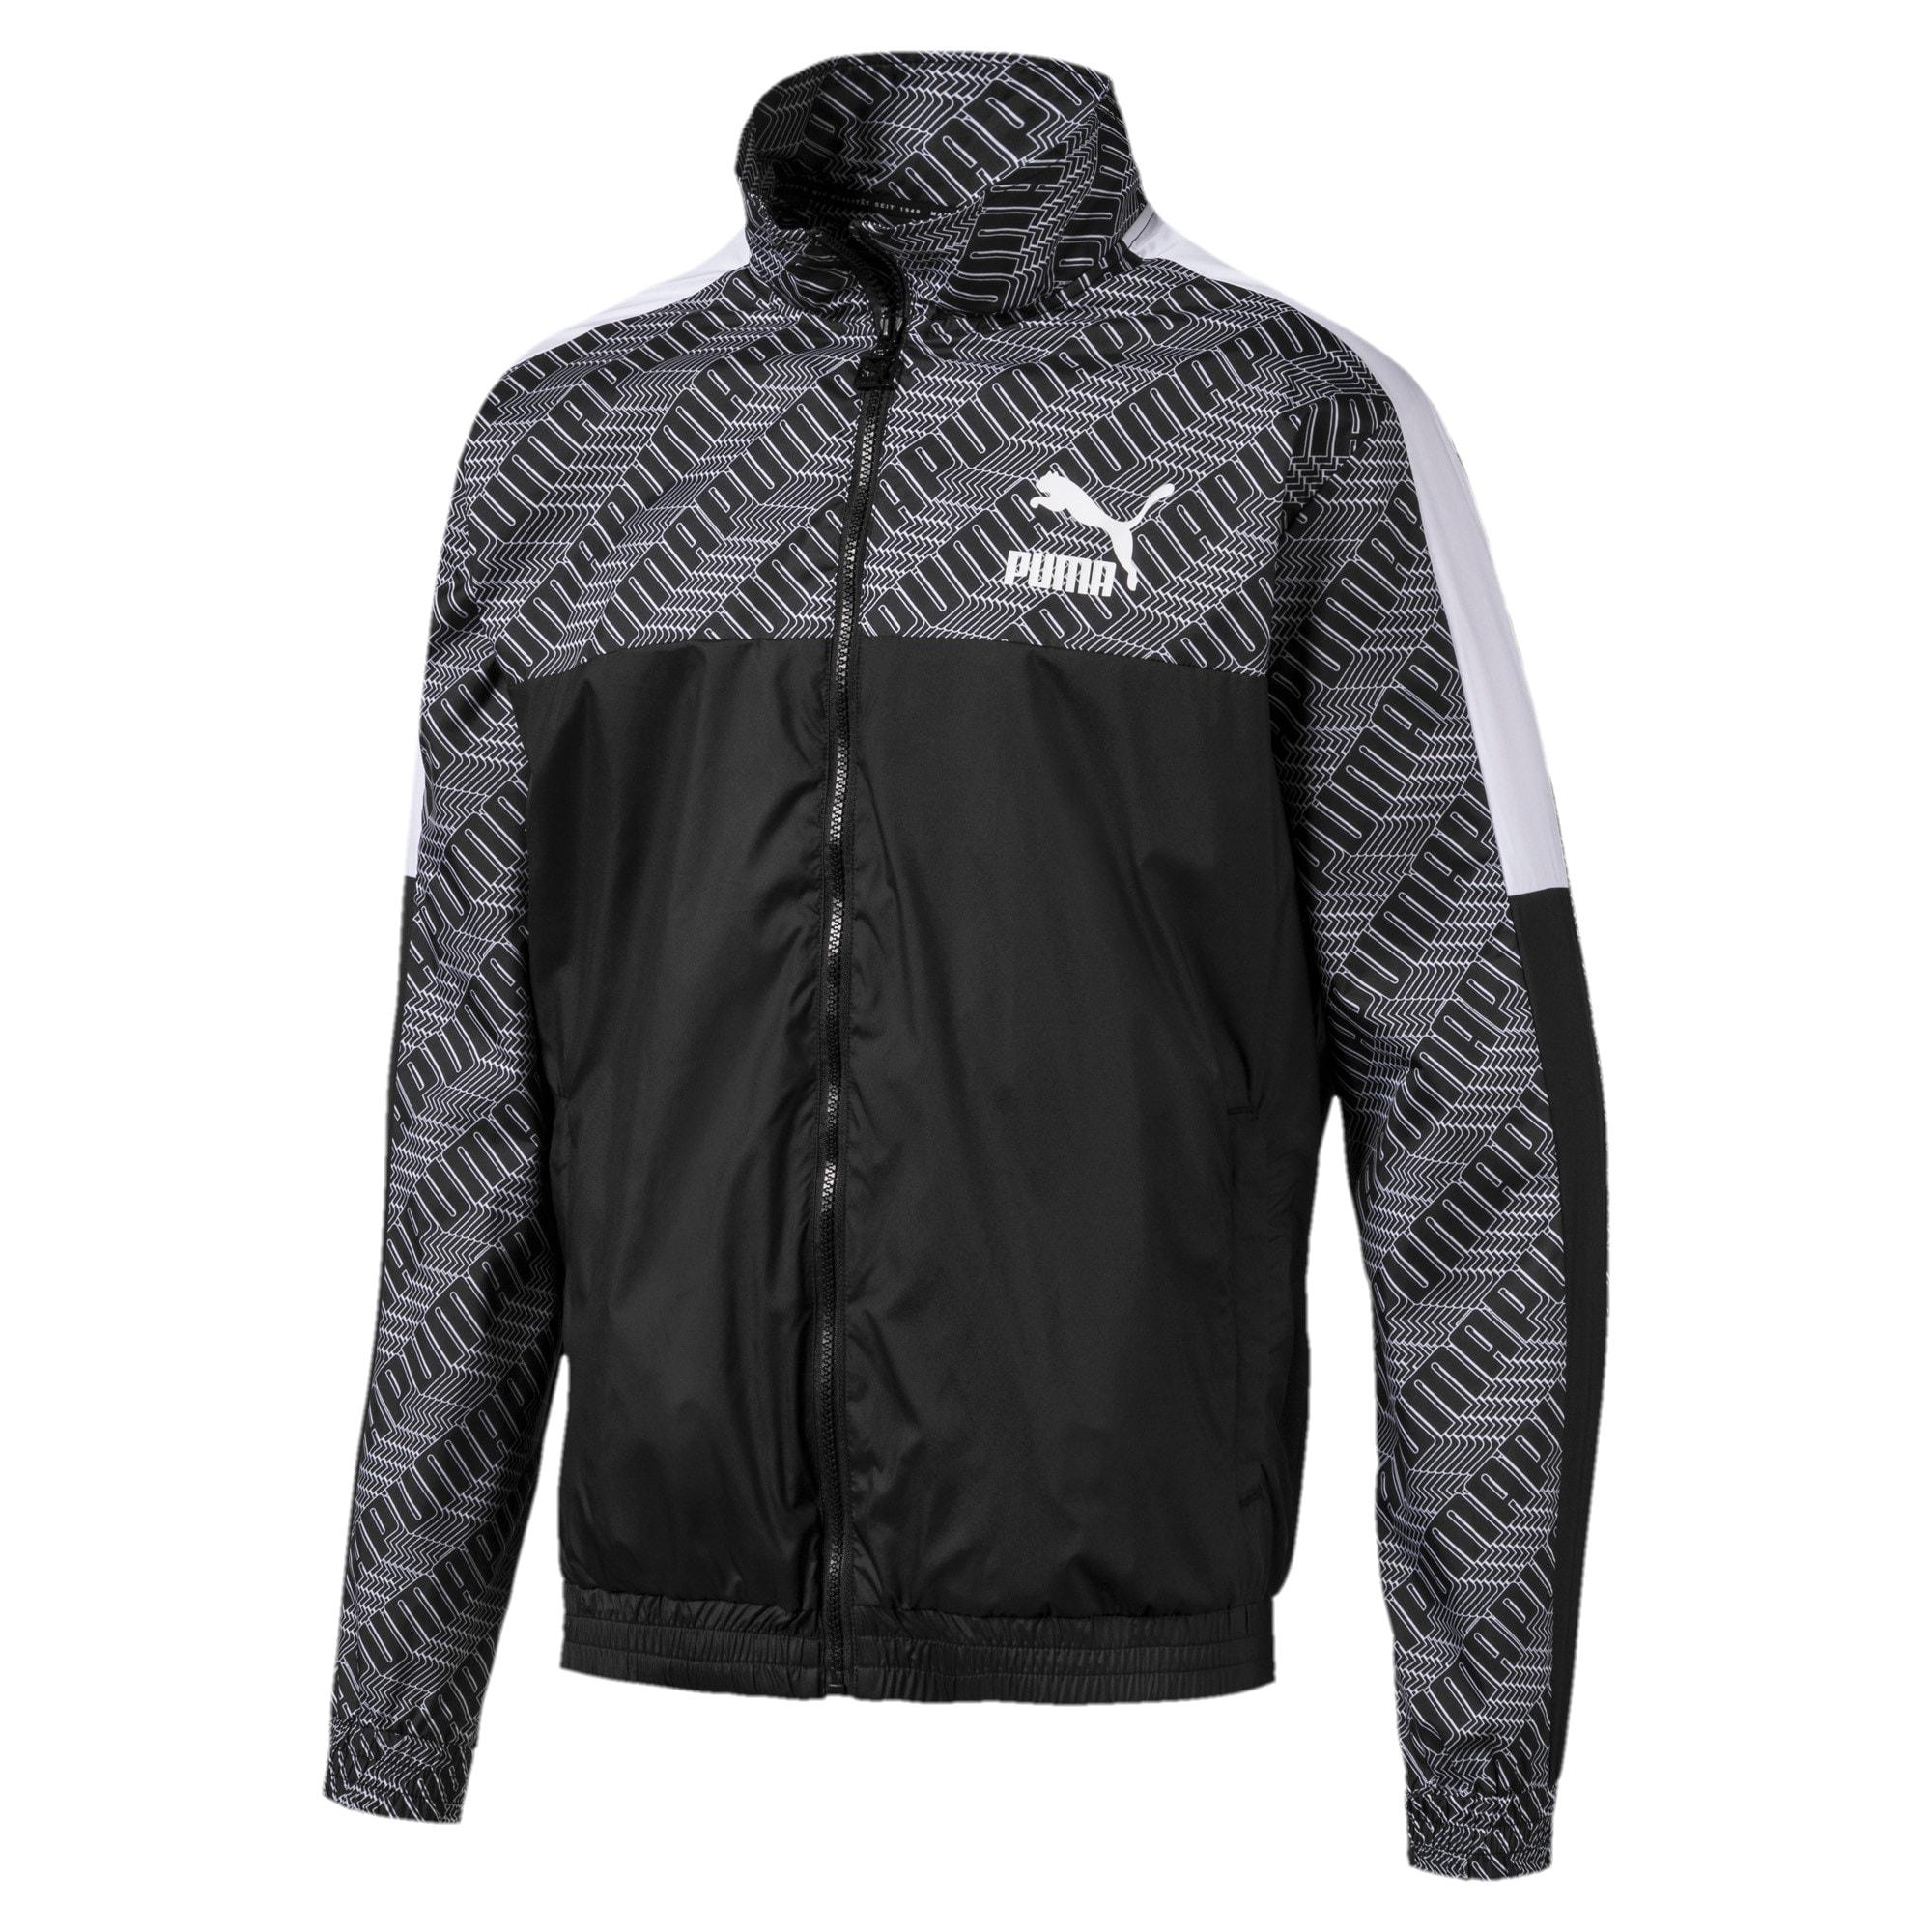 Thumbnail 1 of T7 Men's AOP Track Jacket, Puma Black-Repeat logo, medium